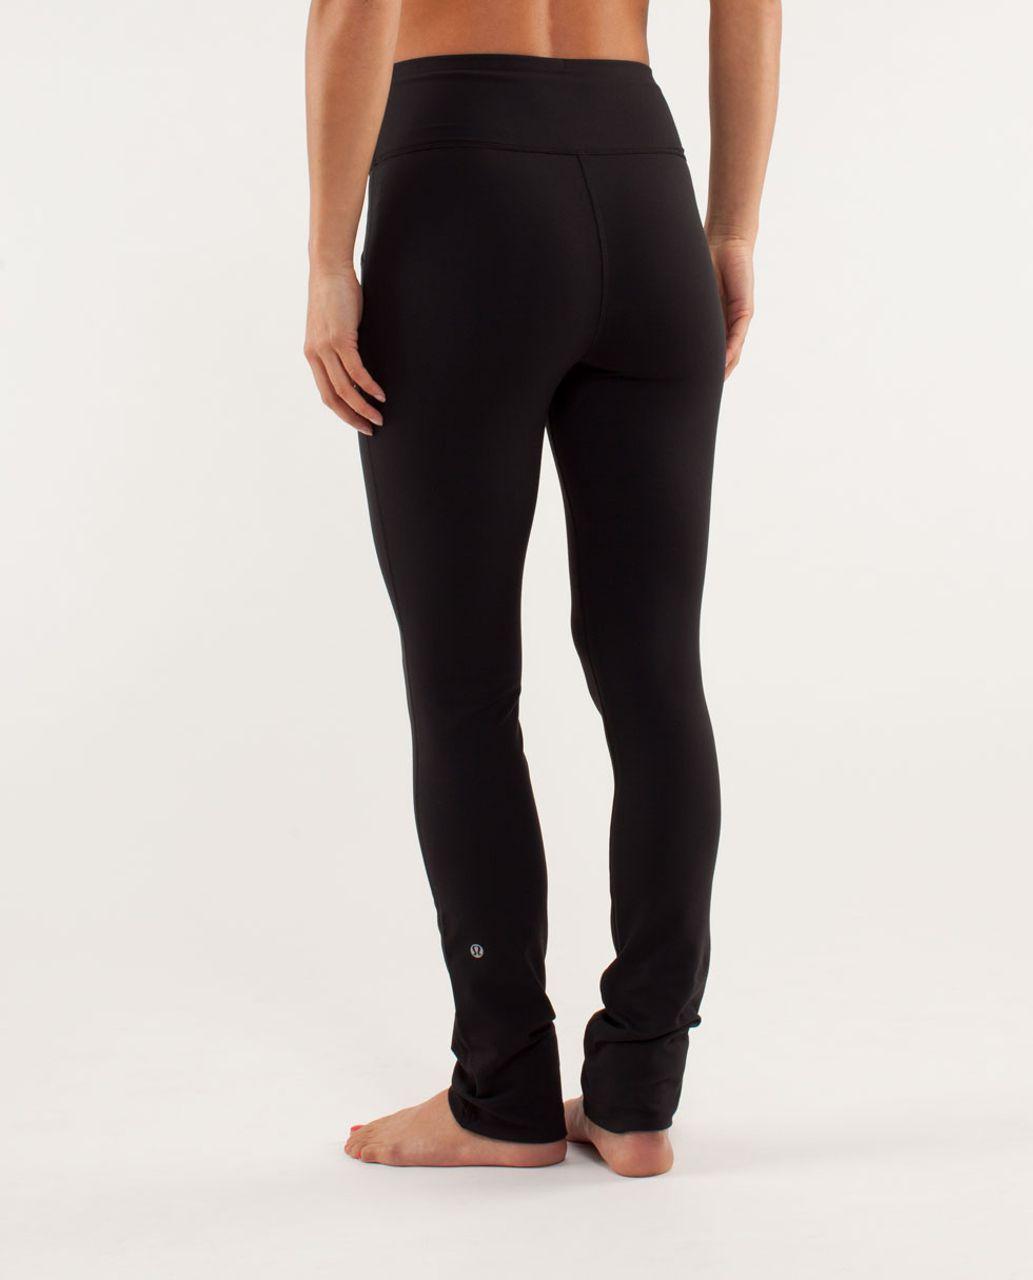 Lululemon Skinny Will Pant - Black